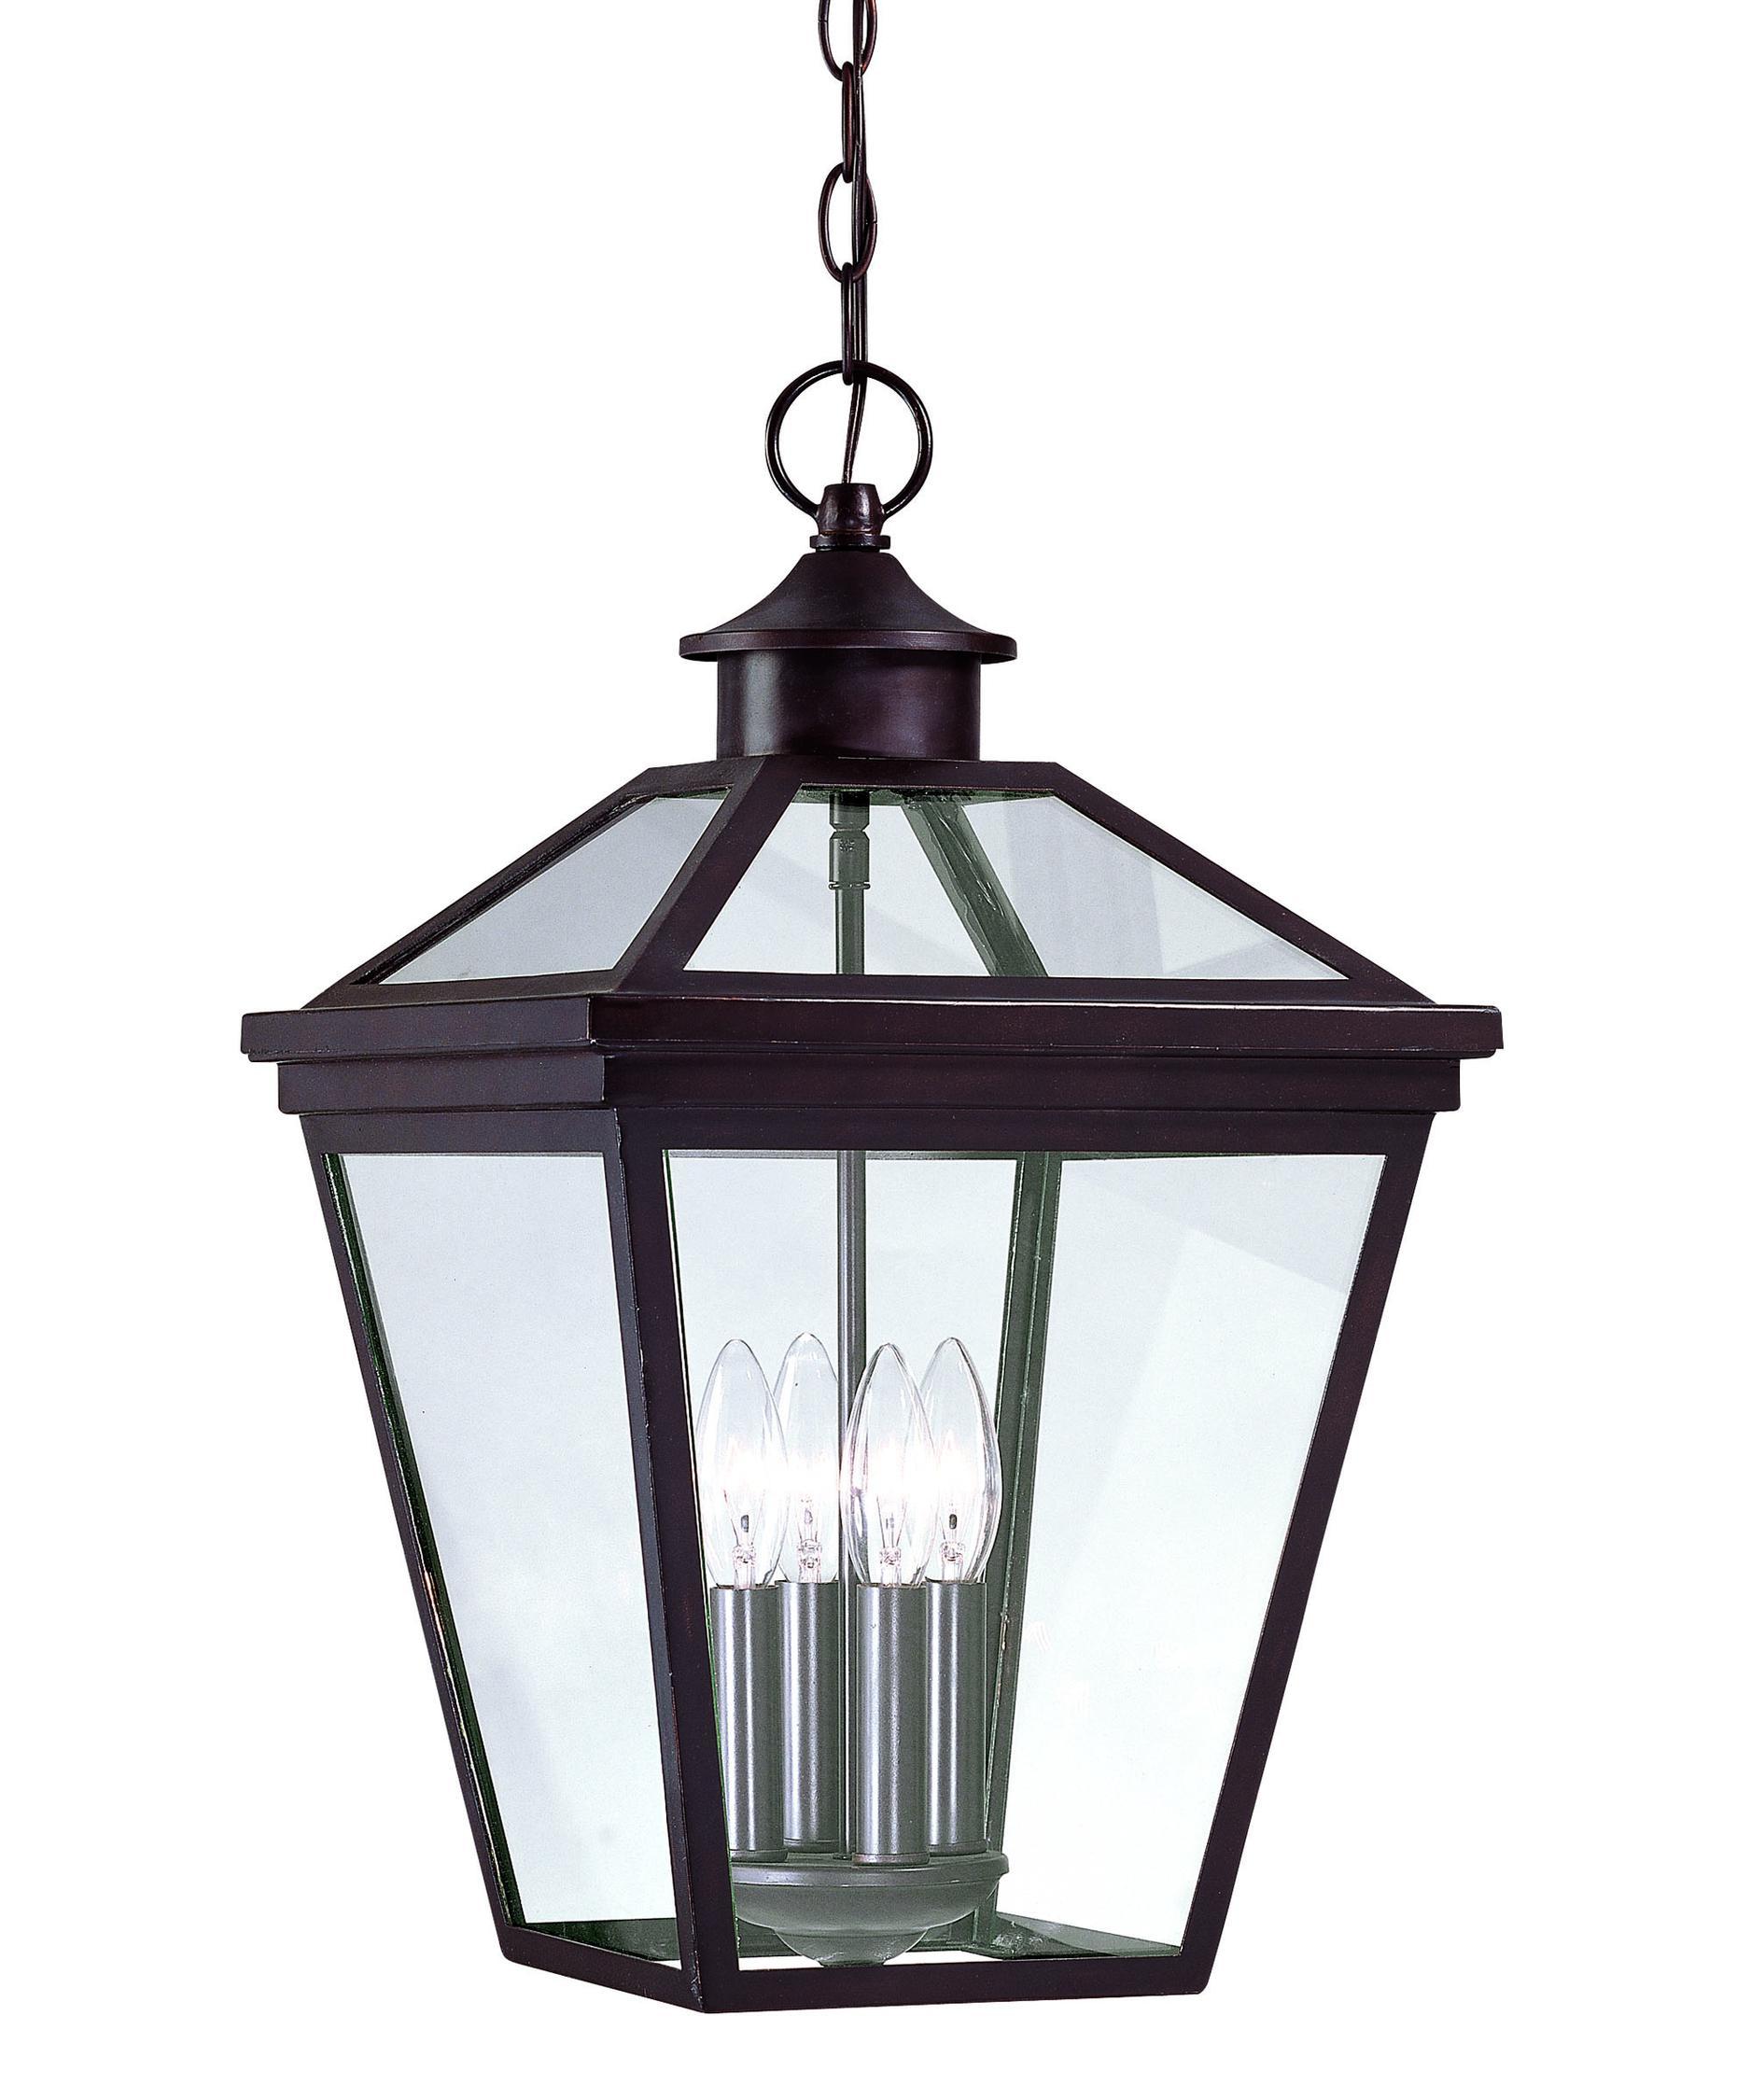 Outdoor hanging lighting - Ellijay 12 Inch Wide 4 Light Outdoor Hanging Lantern